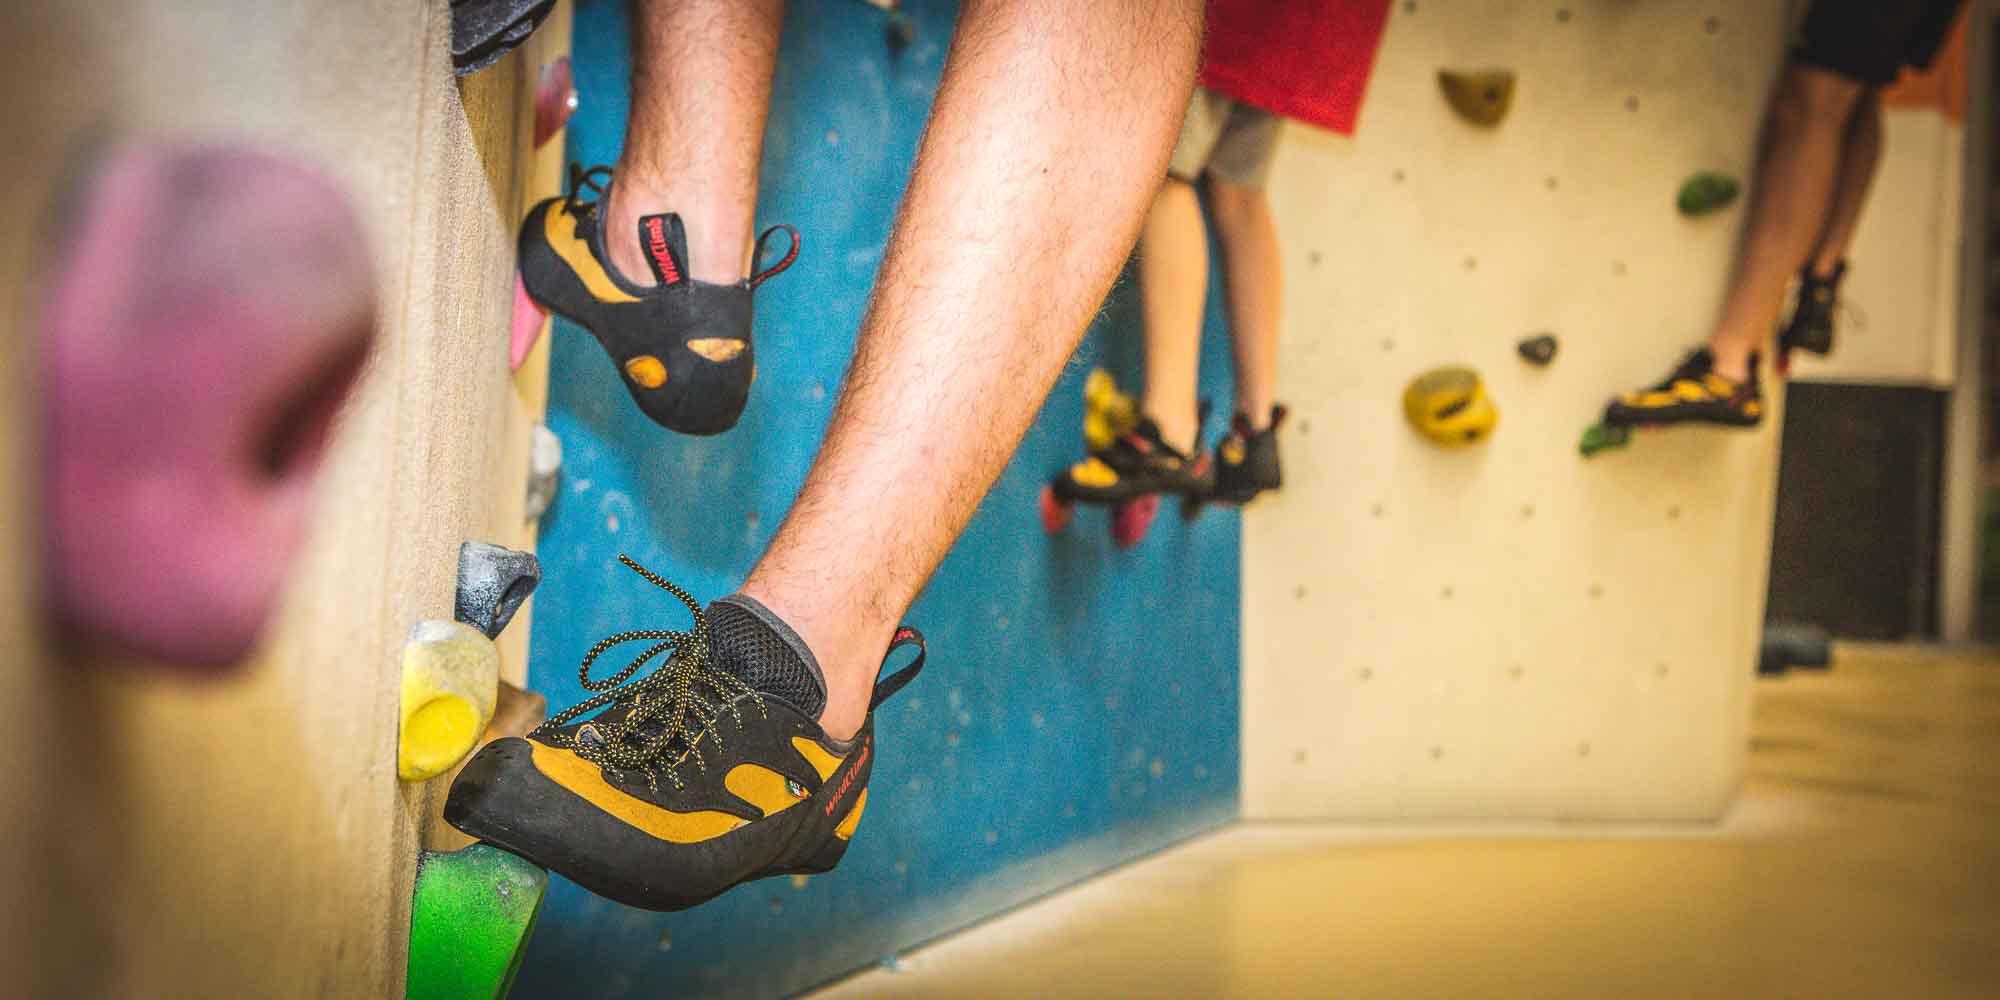 Wild Climb Sky Laces lacci scarpette arrampicata